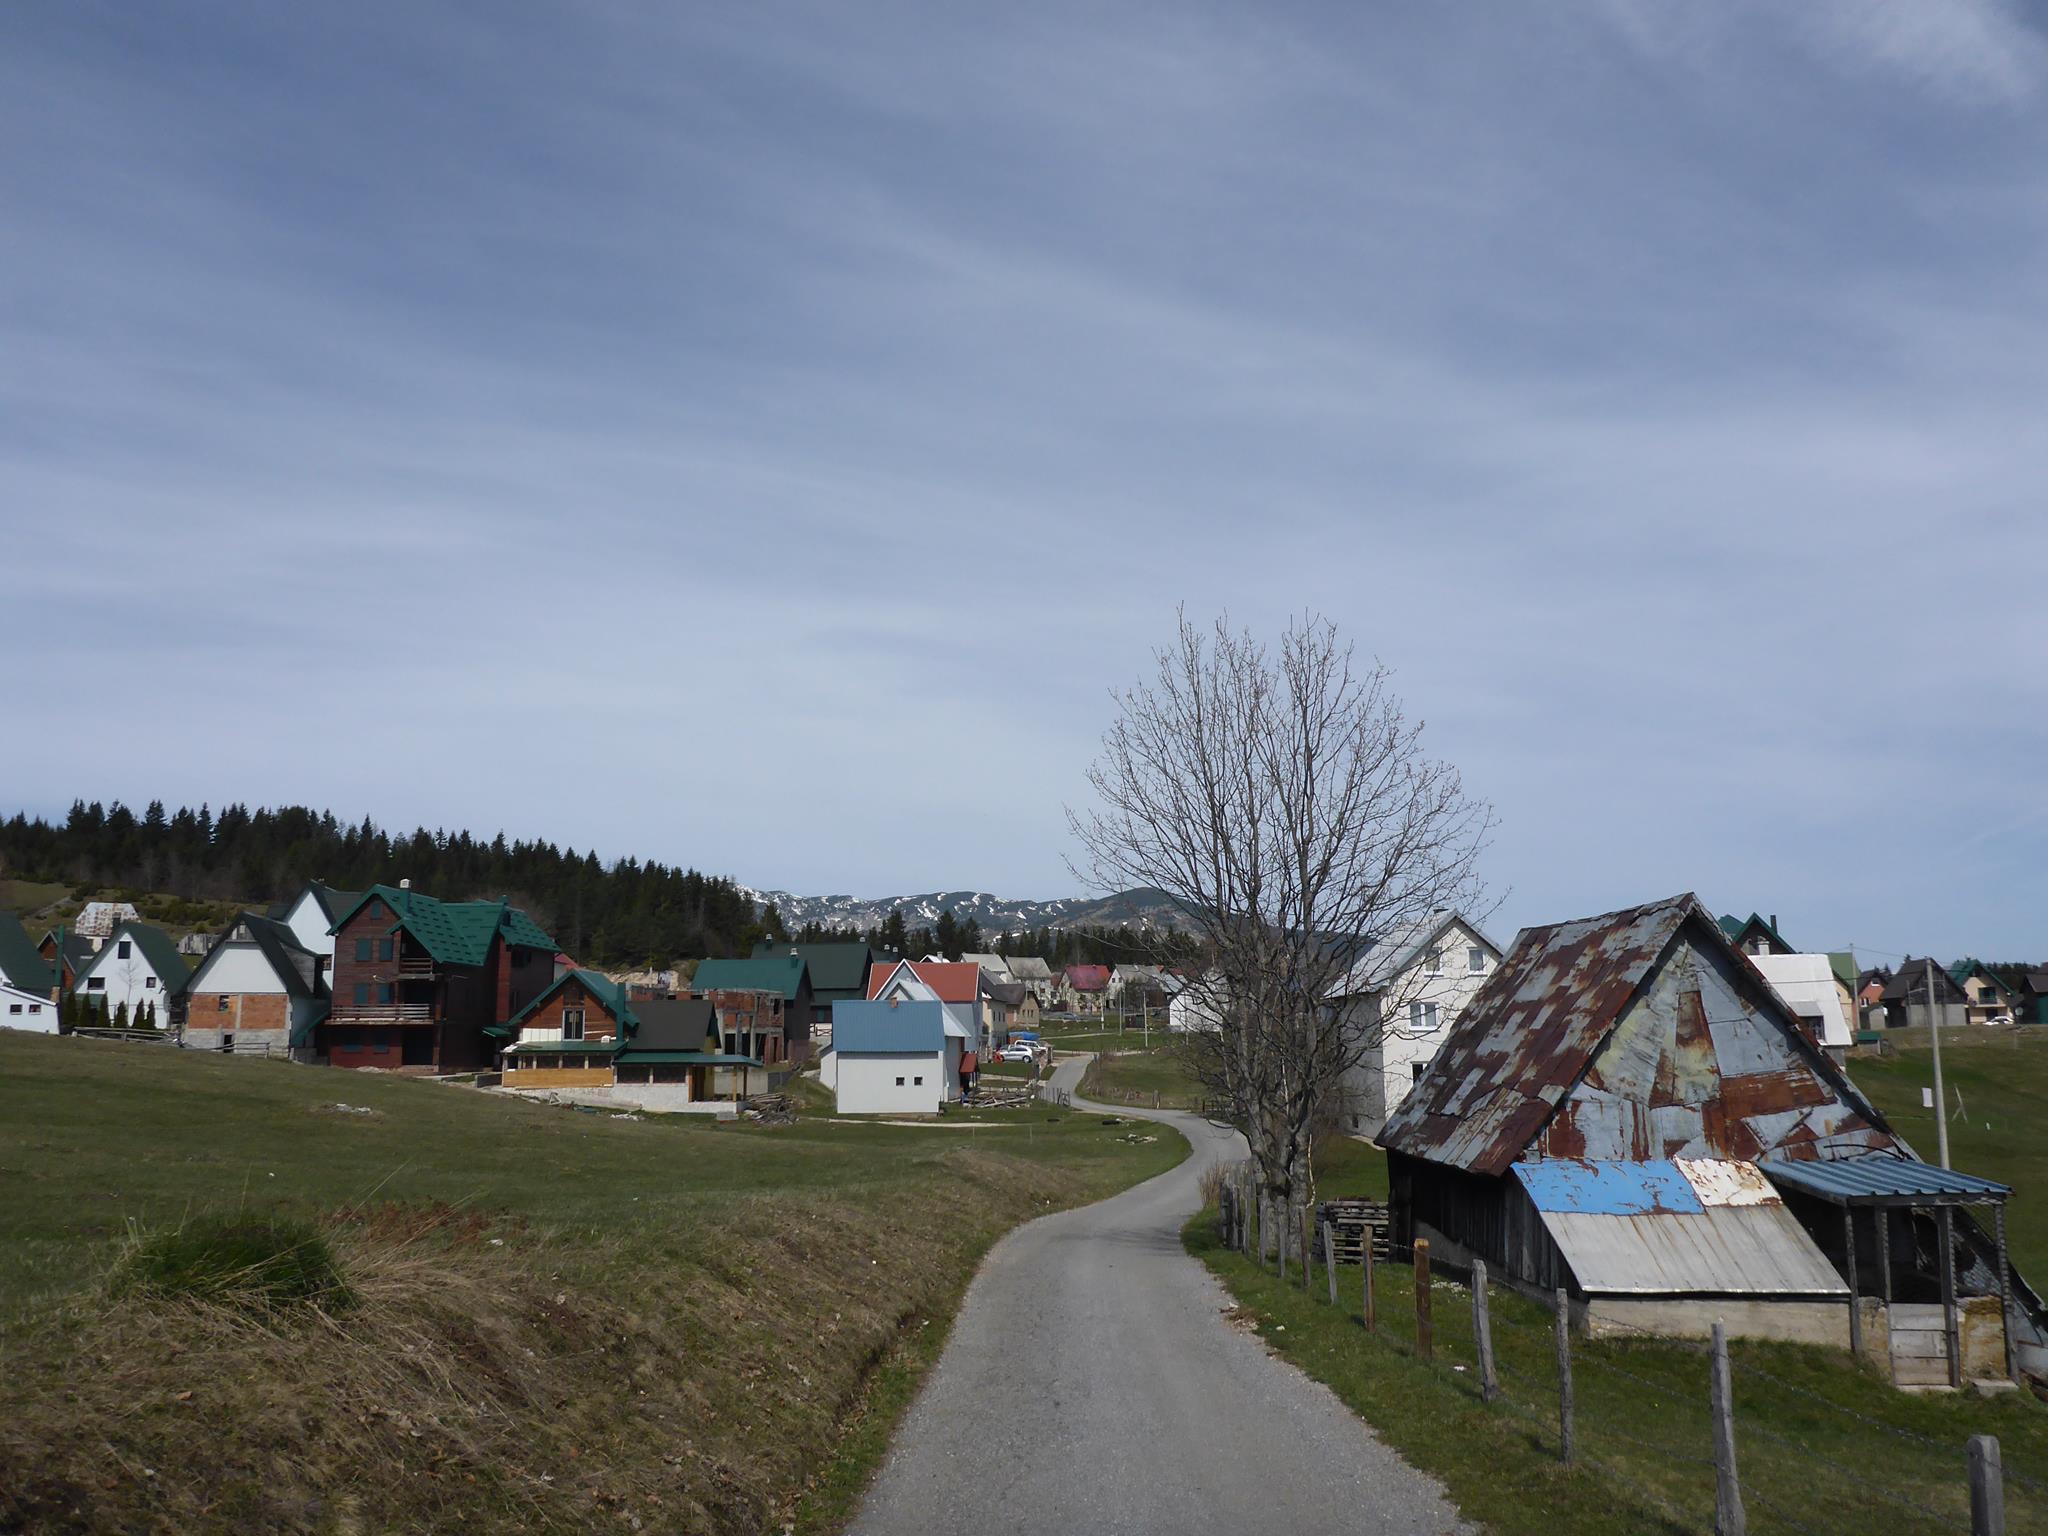 J'arrive au village de montagne de Žabljak où je reste cinq jours à me reposer dans une auberge